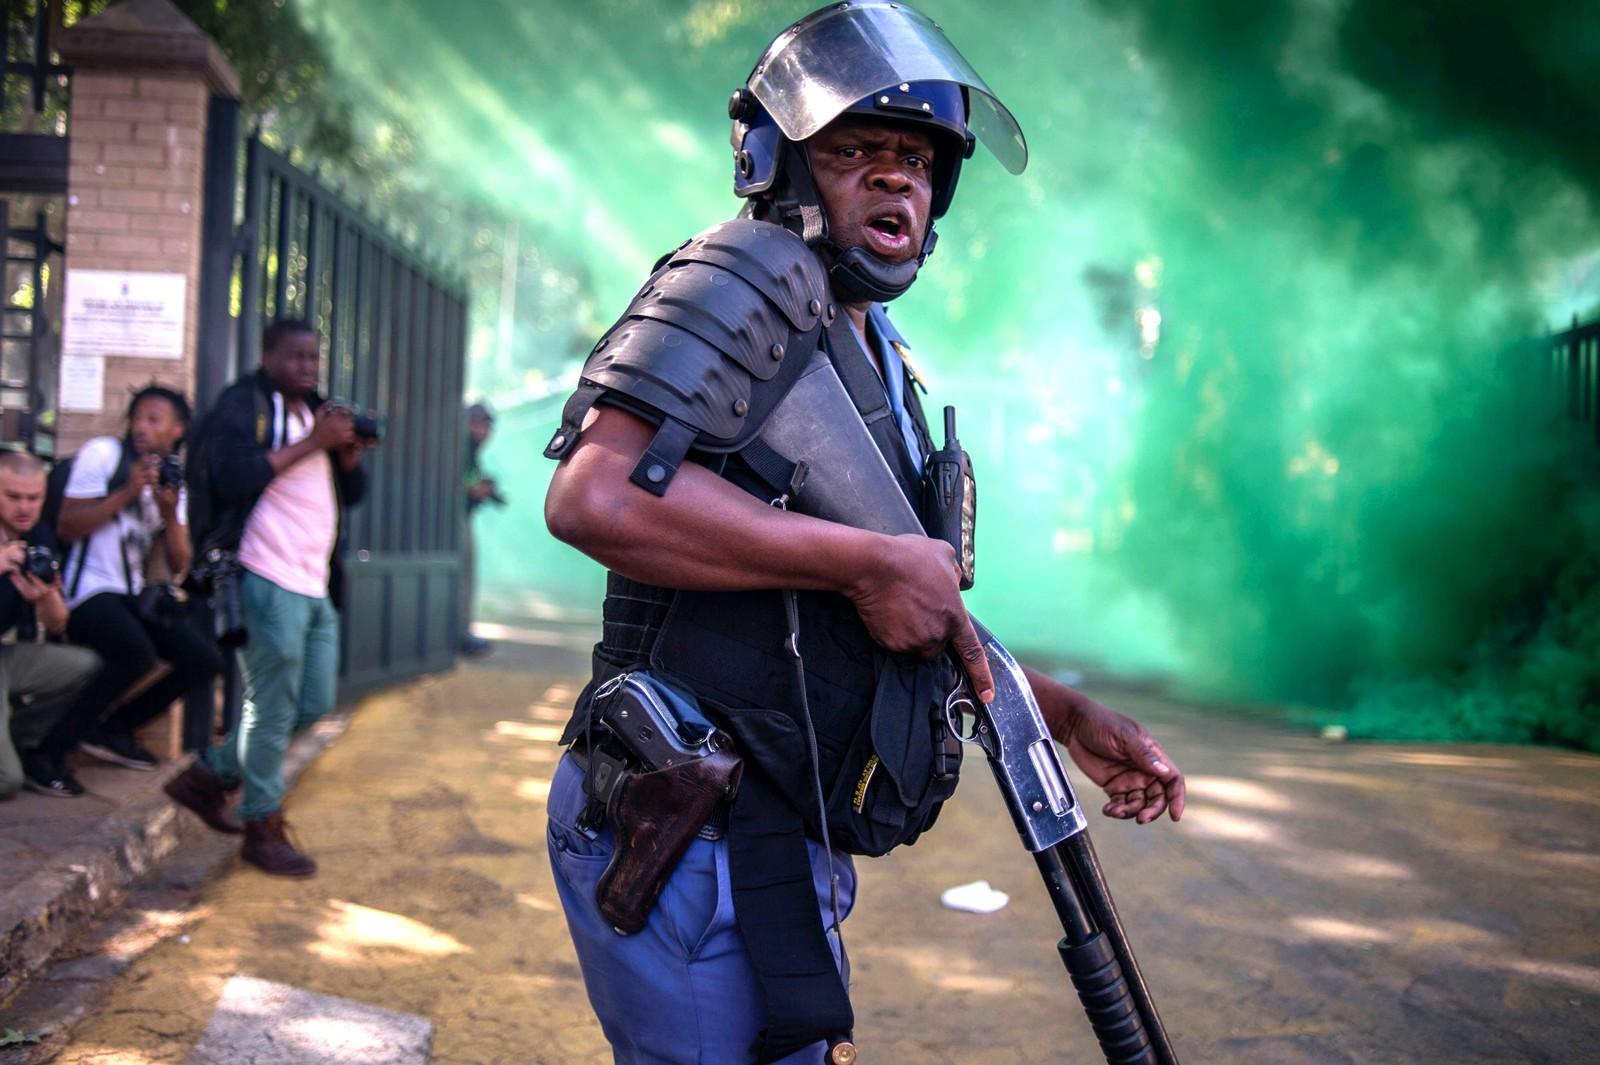 Mandag den 21. september barket politiet og studenter fra Universitetet i Witwatersrand sammen i Johannesburg i Sør-Afrika. Studentene var forbannet over at studieavgiftene skal økes. Politiet svarte med gummikuler og sjokkgranater.